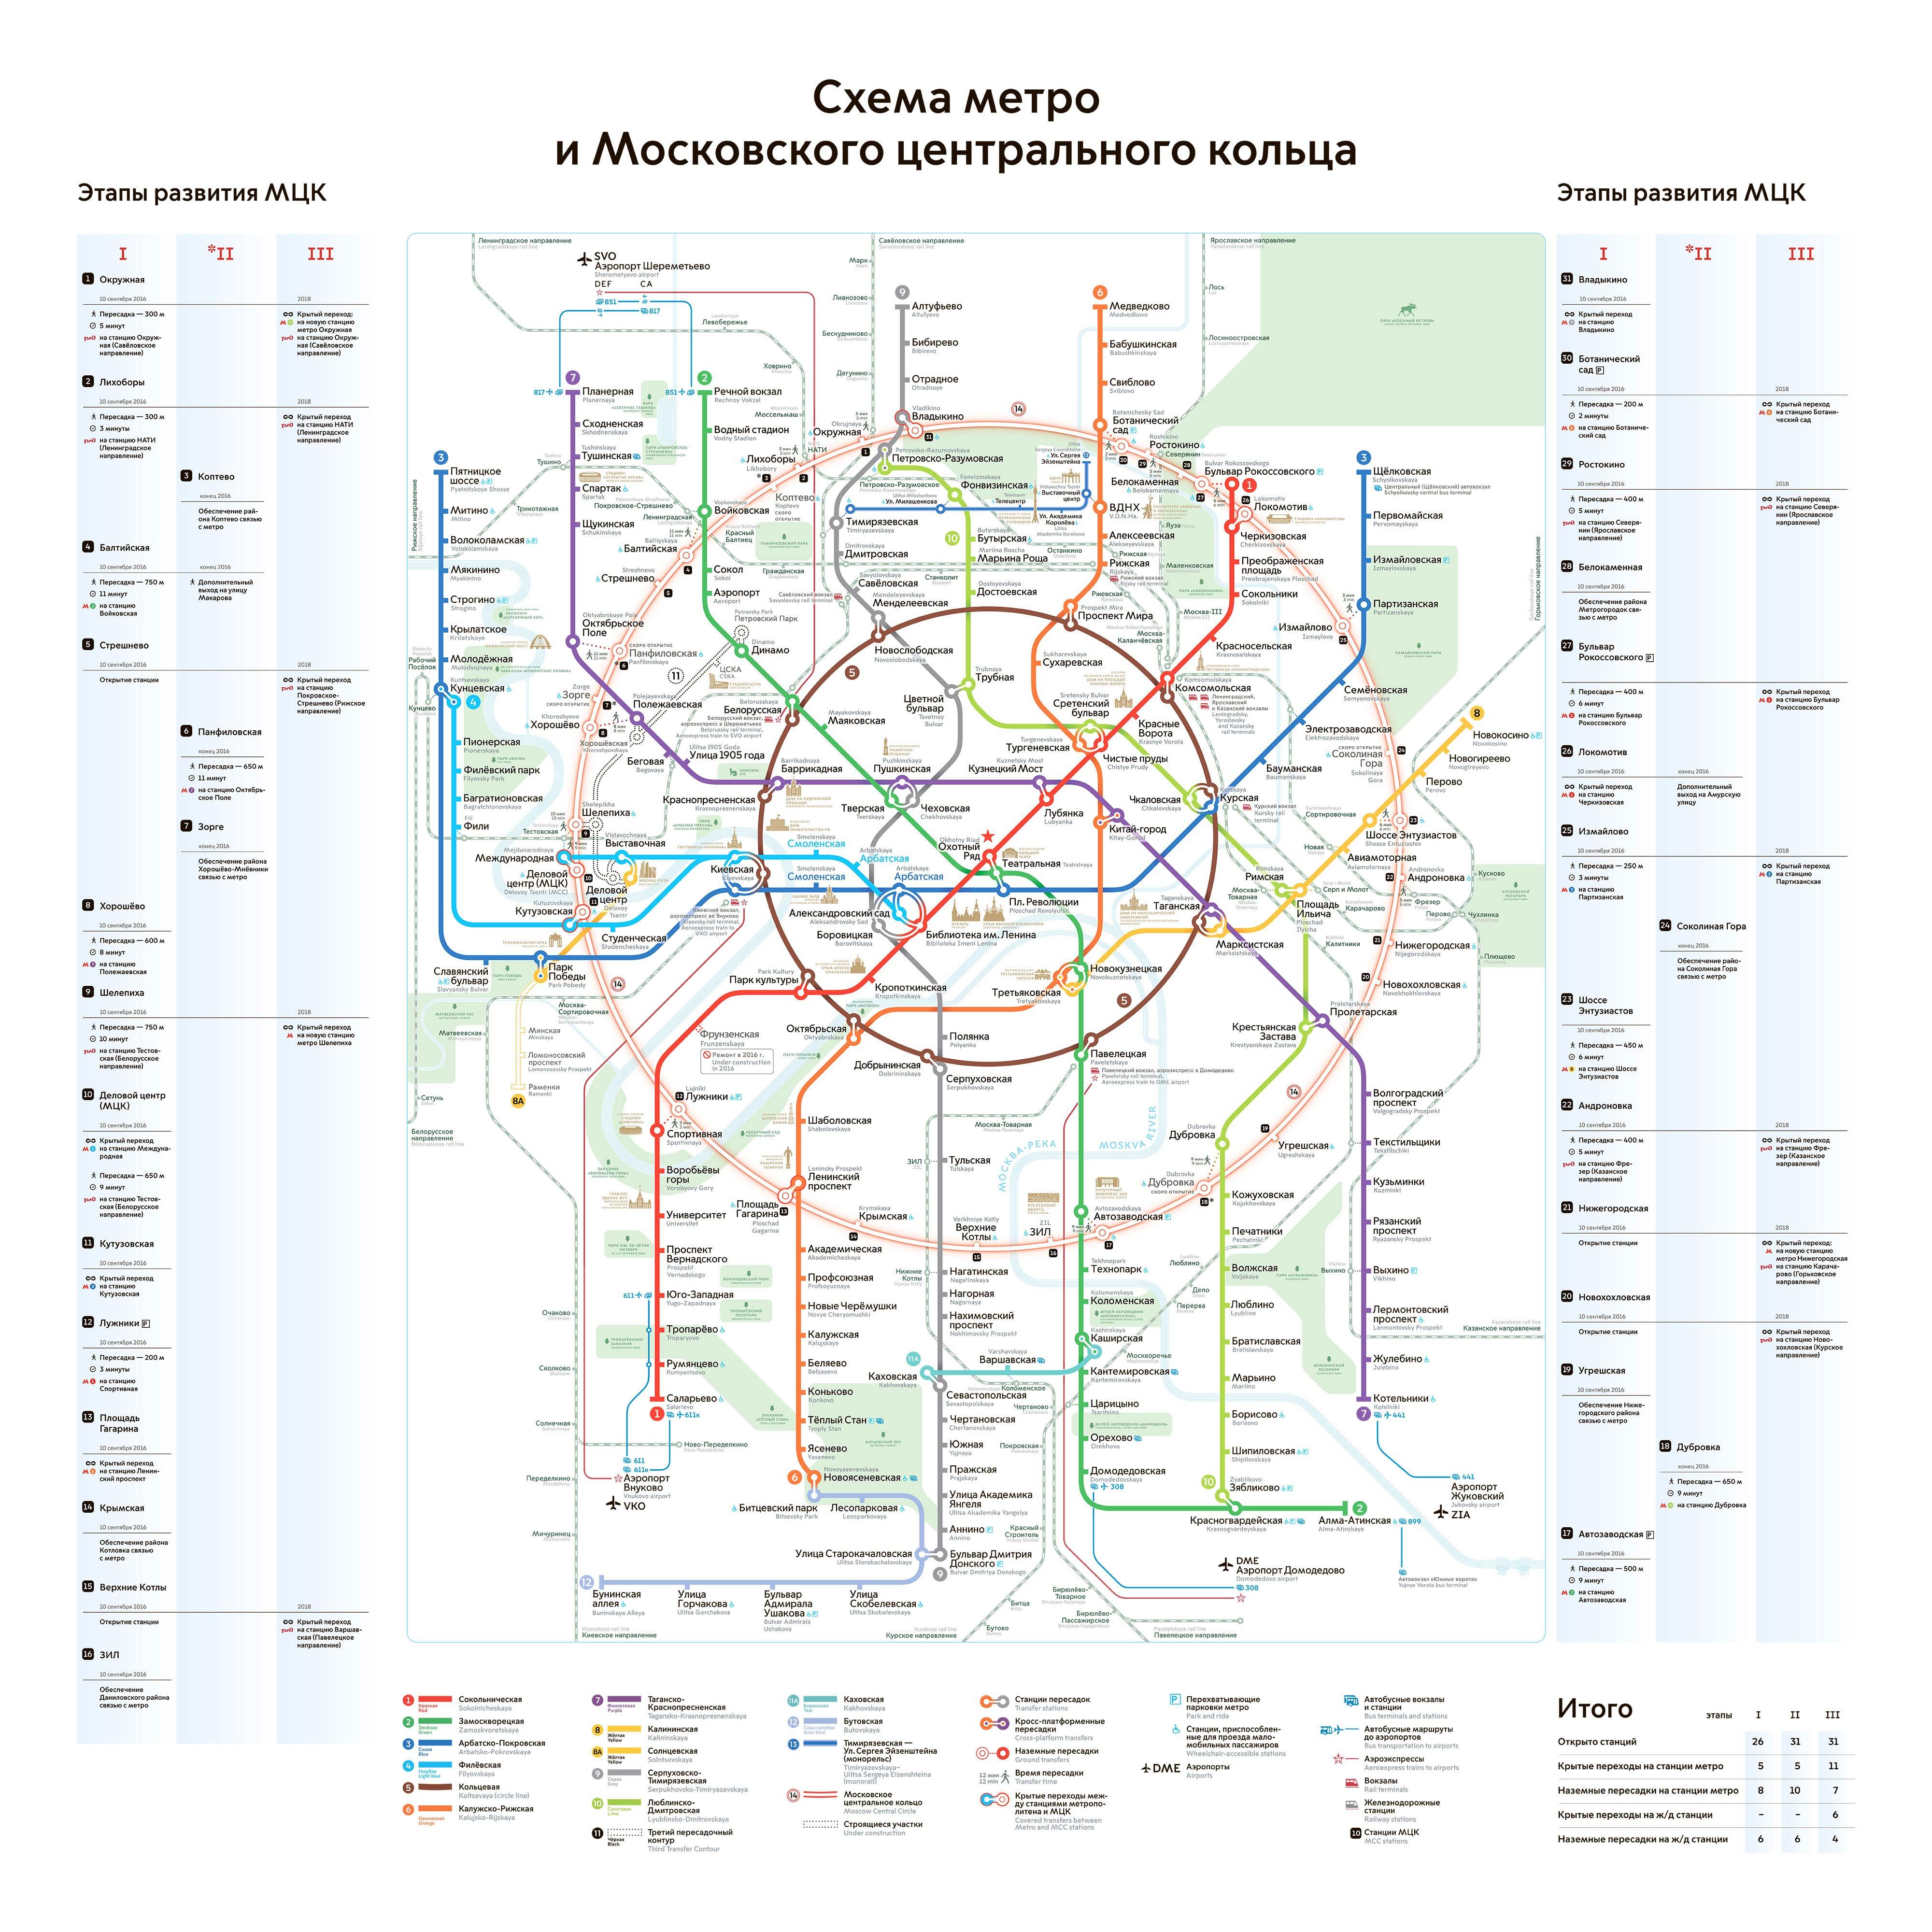 расписание и схема метро москвы